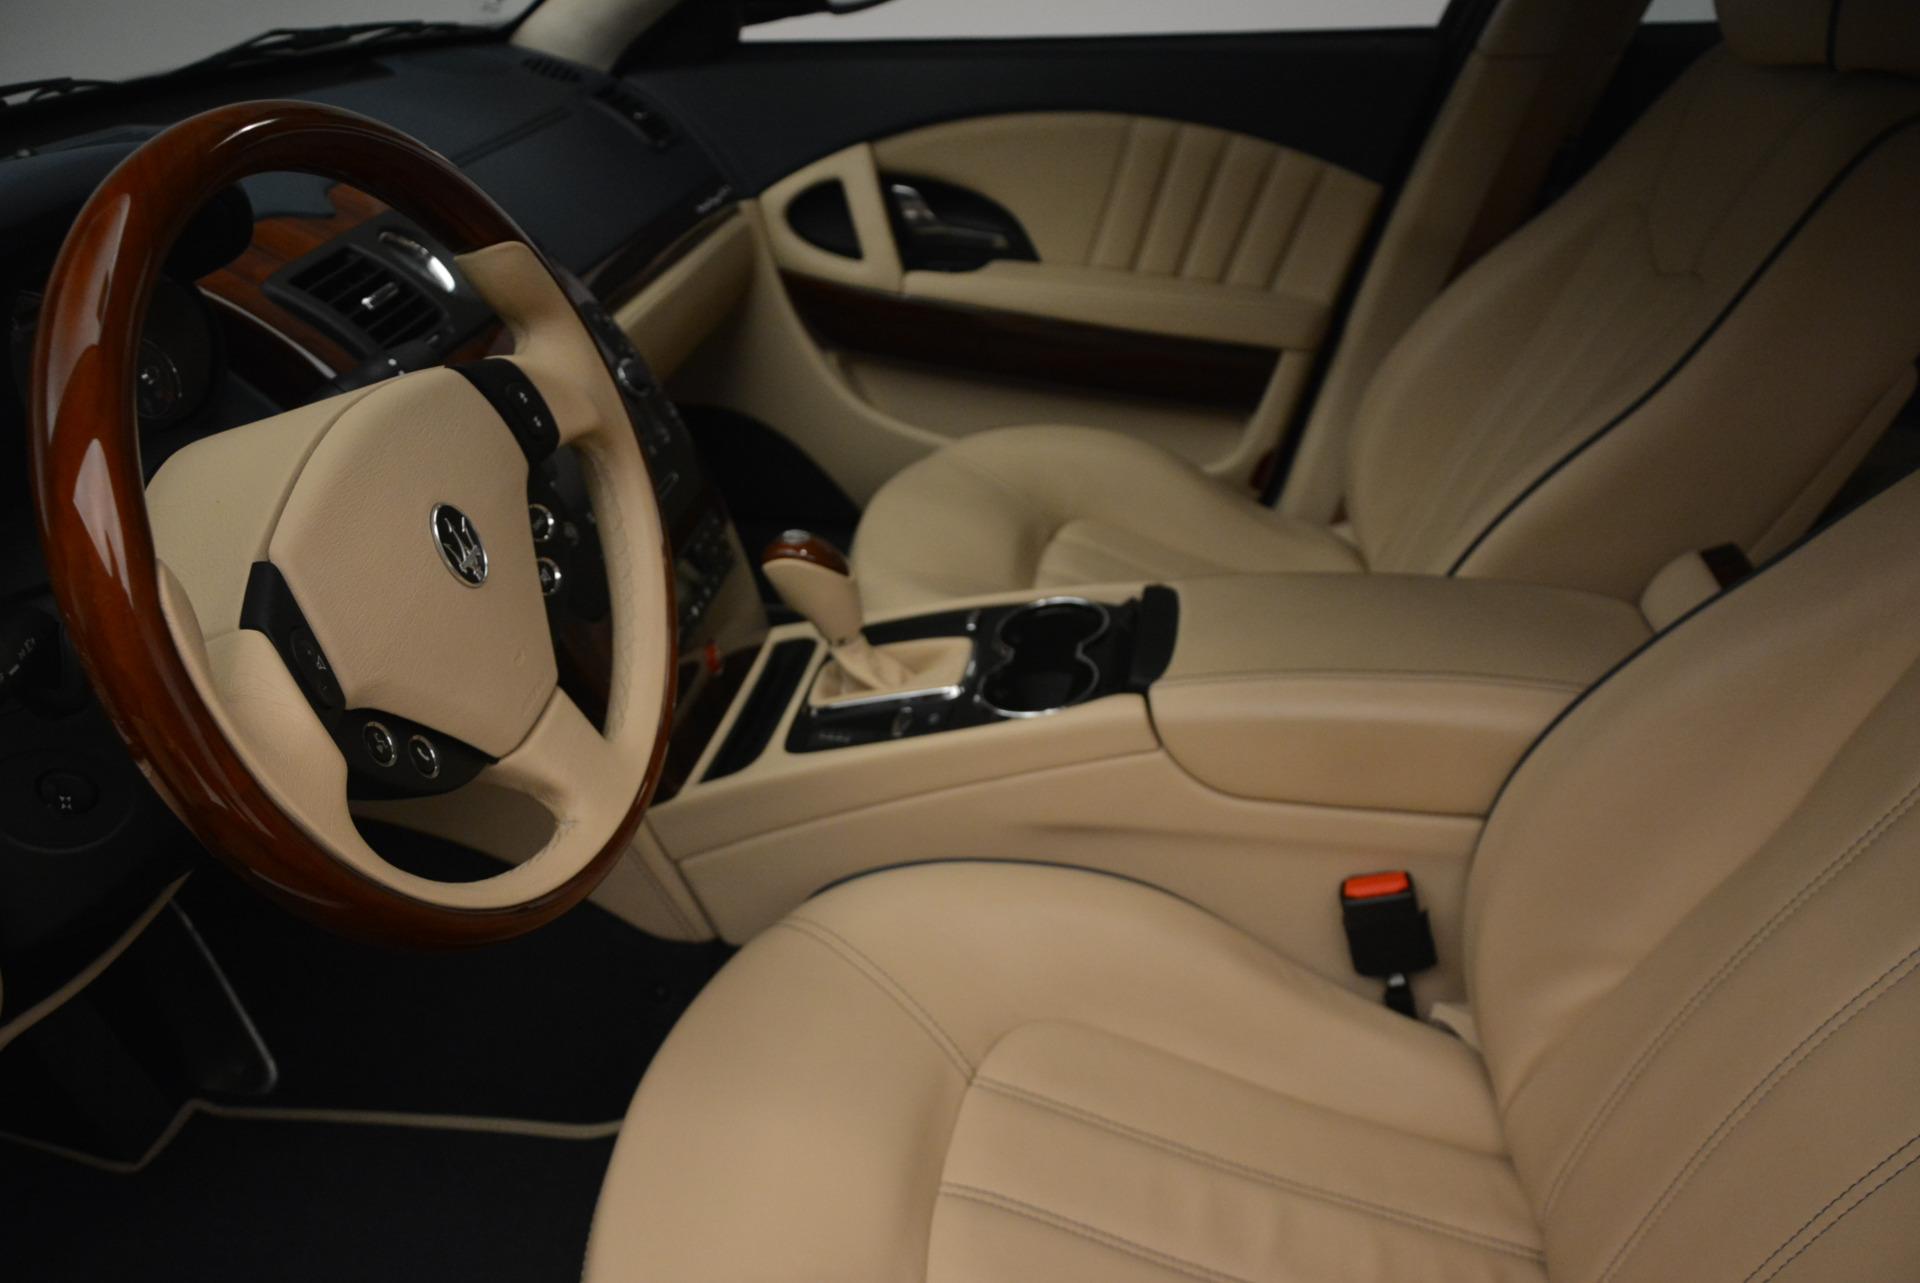 Used 2010 Maserati Quattroporte S For Sale In Greenwich, CT 795_p14